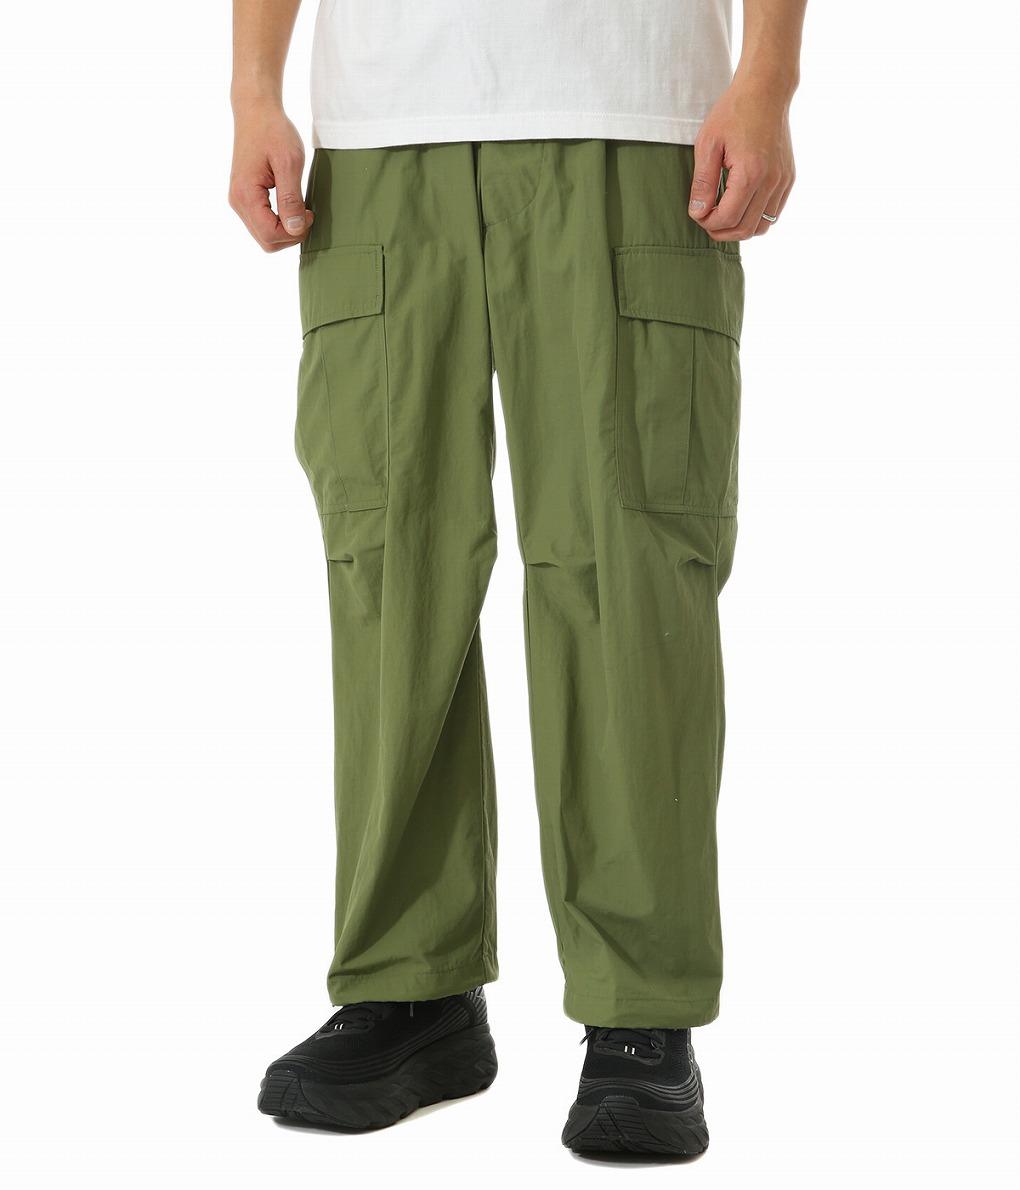 DESCENTE PAUSE / デサントポーズ : ddd / CARGO PANTS : ddd カーゴ カーゴパンツ ロングパンツ パンツ メンズ : DHMPJG85 【NOA】